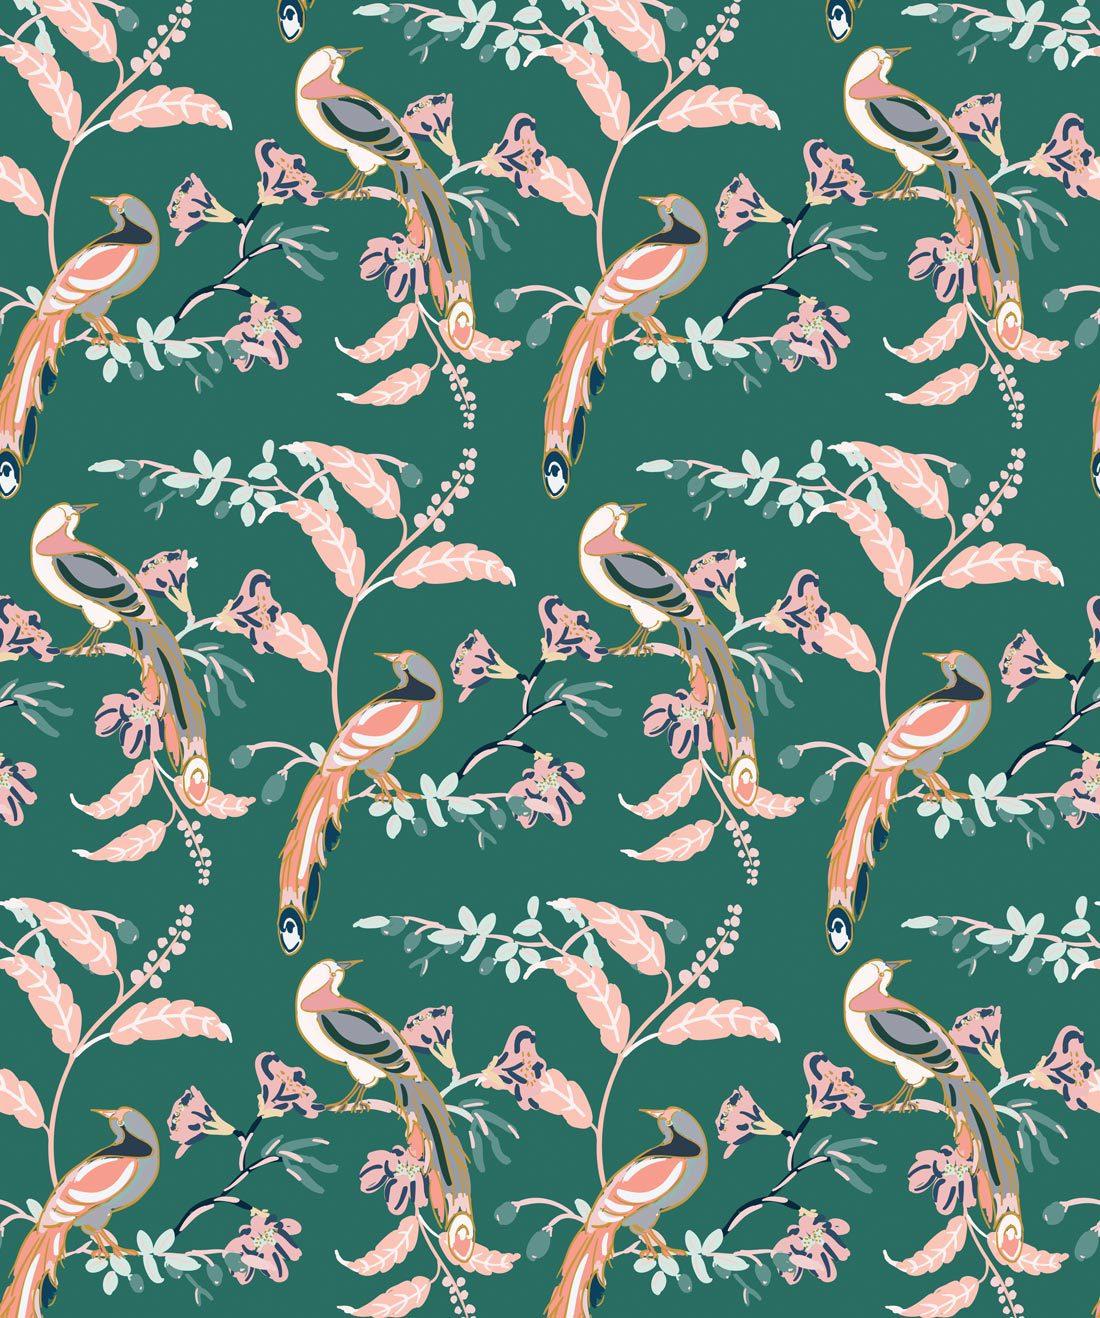 Birds Of Paradise Tropical Bird Wallpaper Milton King